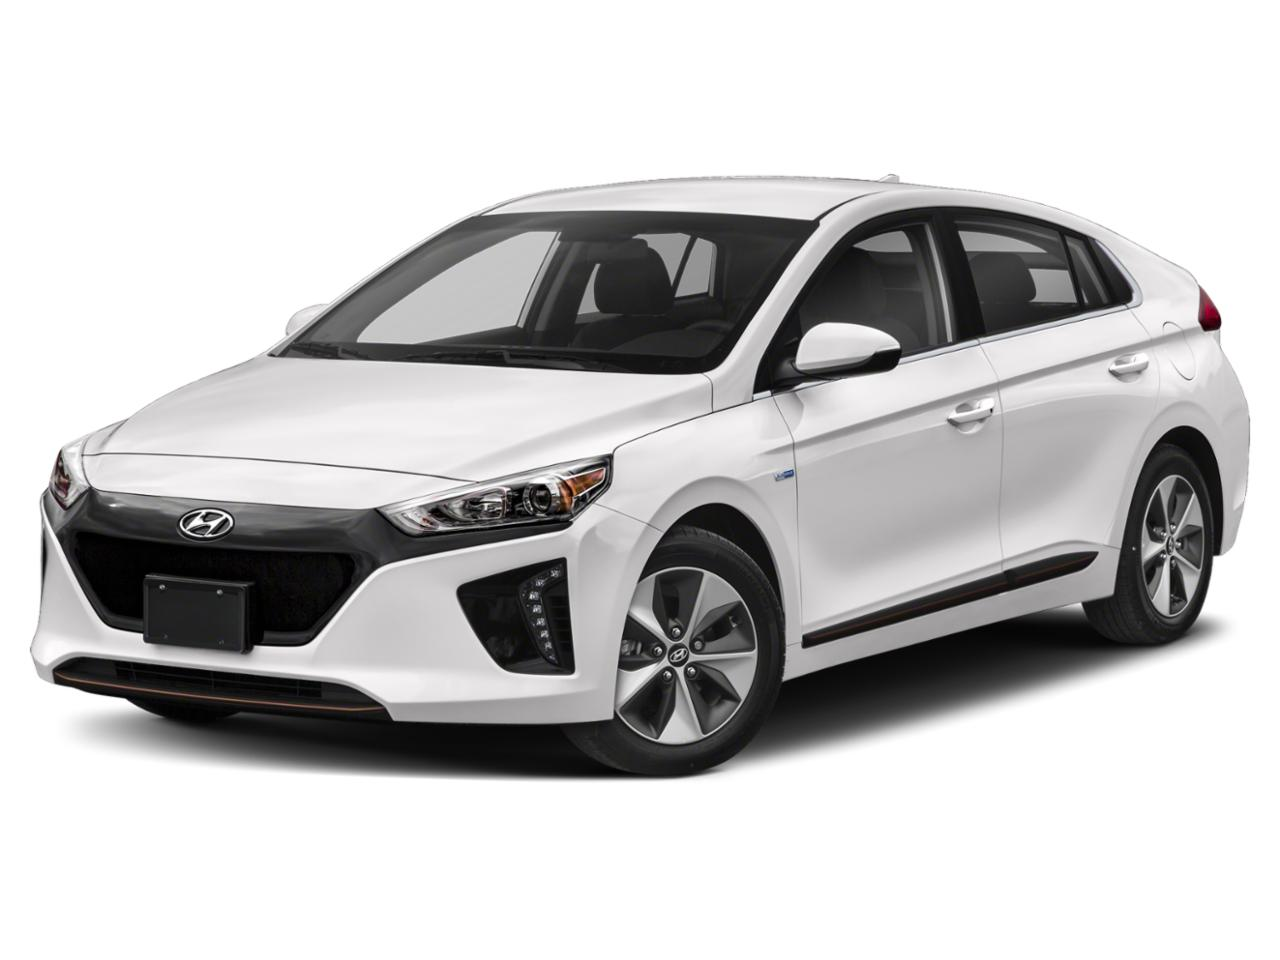 2019 Hyundai IONIQ Electric Vehicle Photo in Peoria, IL 61615